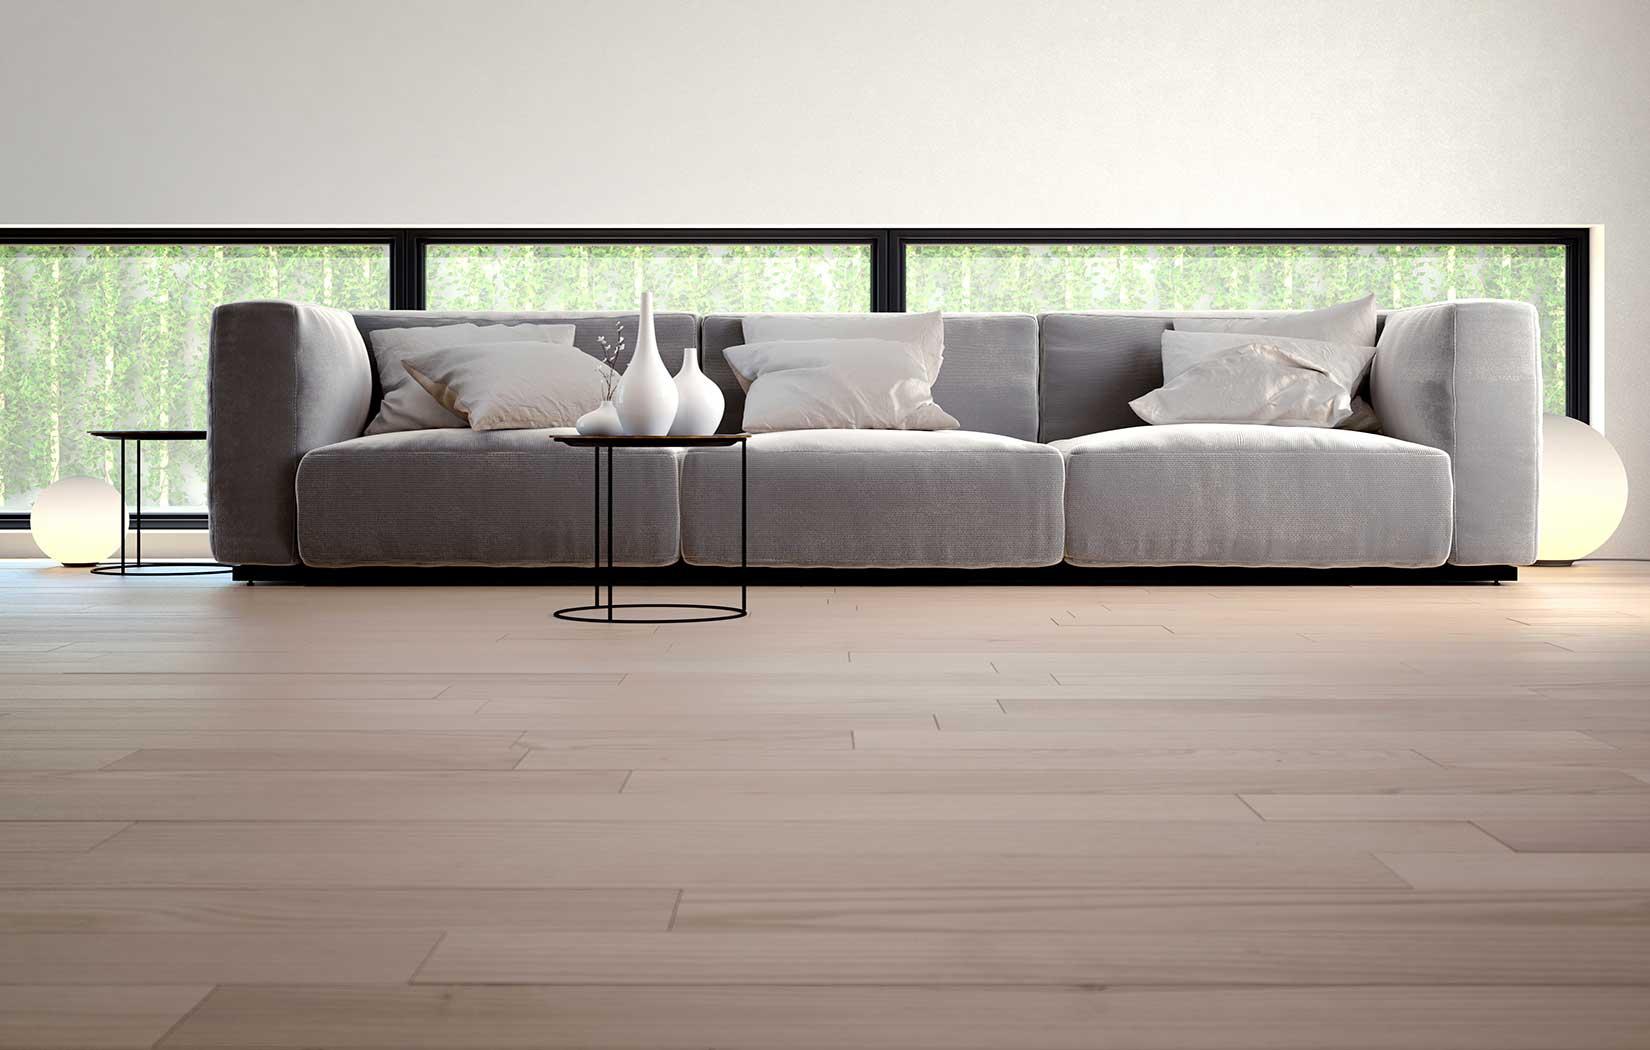 Fußboden Verlegen Speyer ~ Lavagna laminat und fliesenhaus speyer parkett korkböden vinylböden